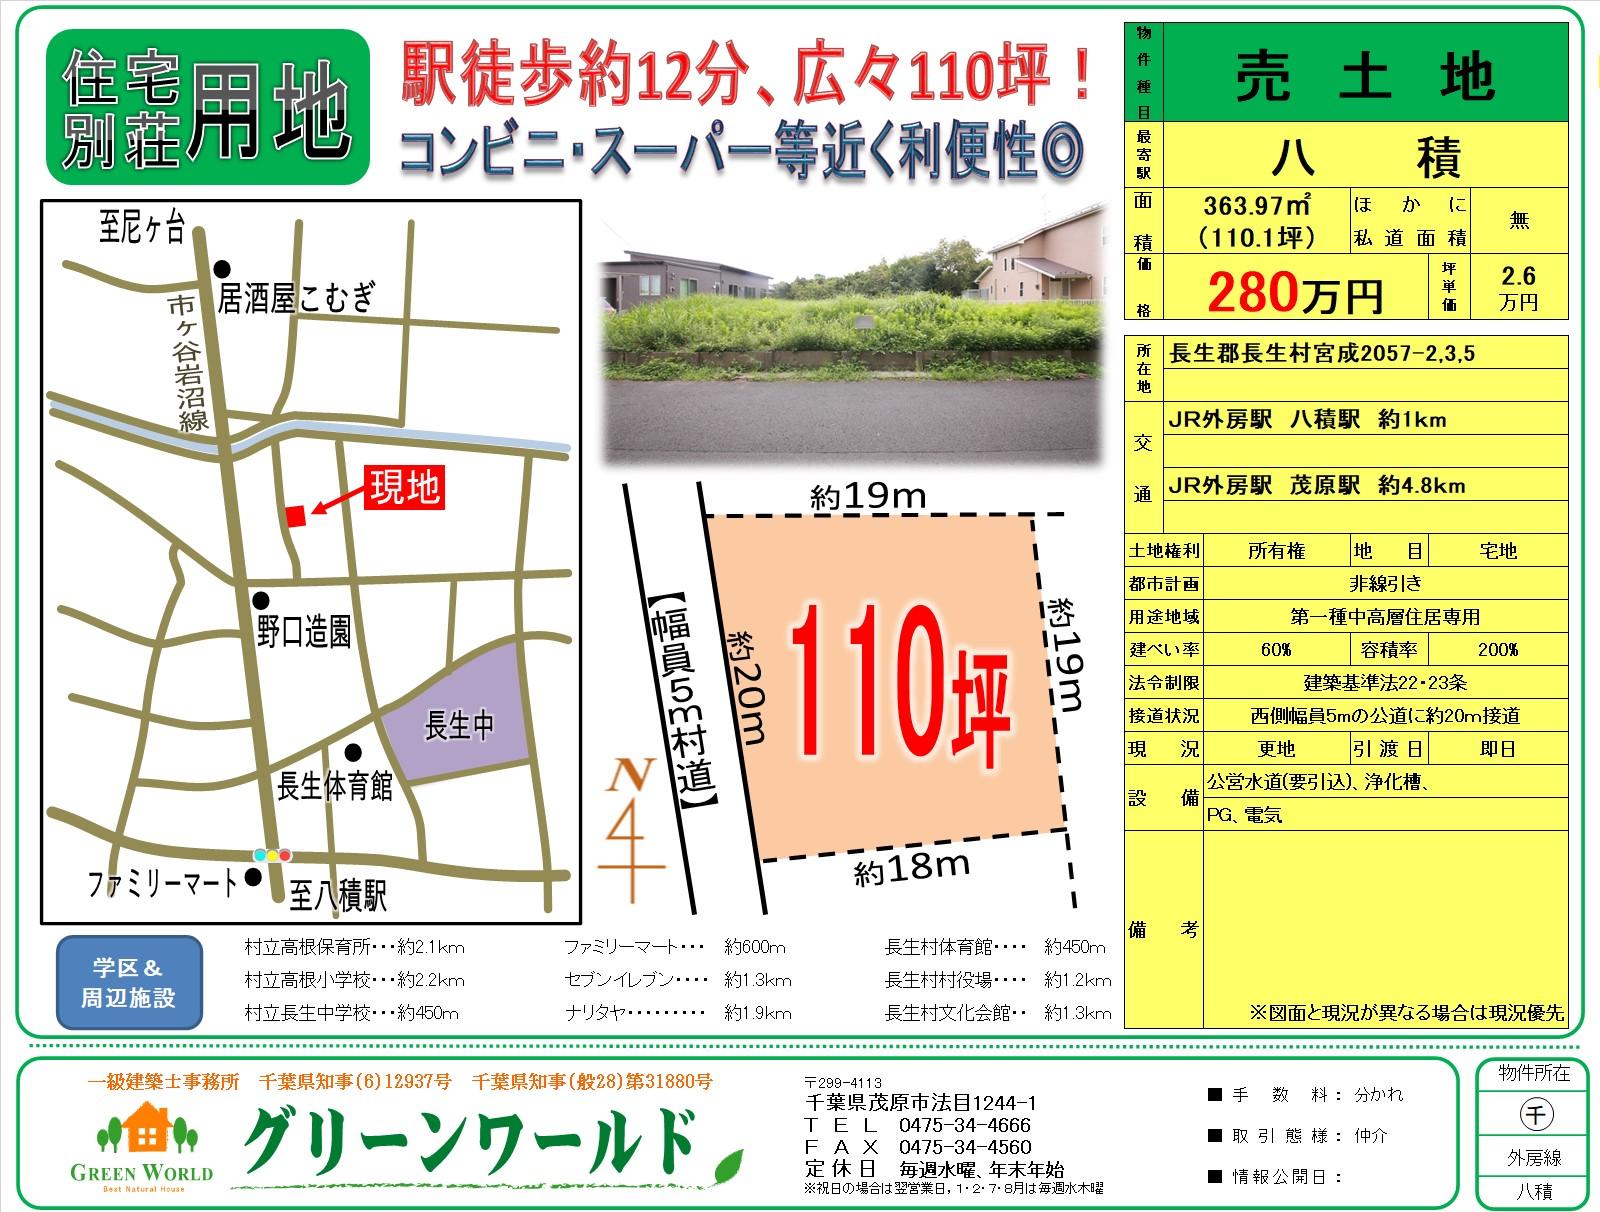 【売土地】長生村宮成110坪